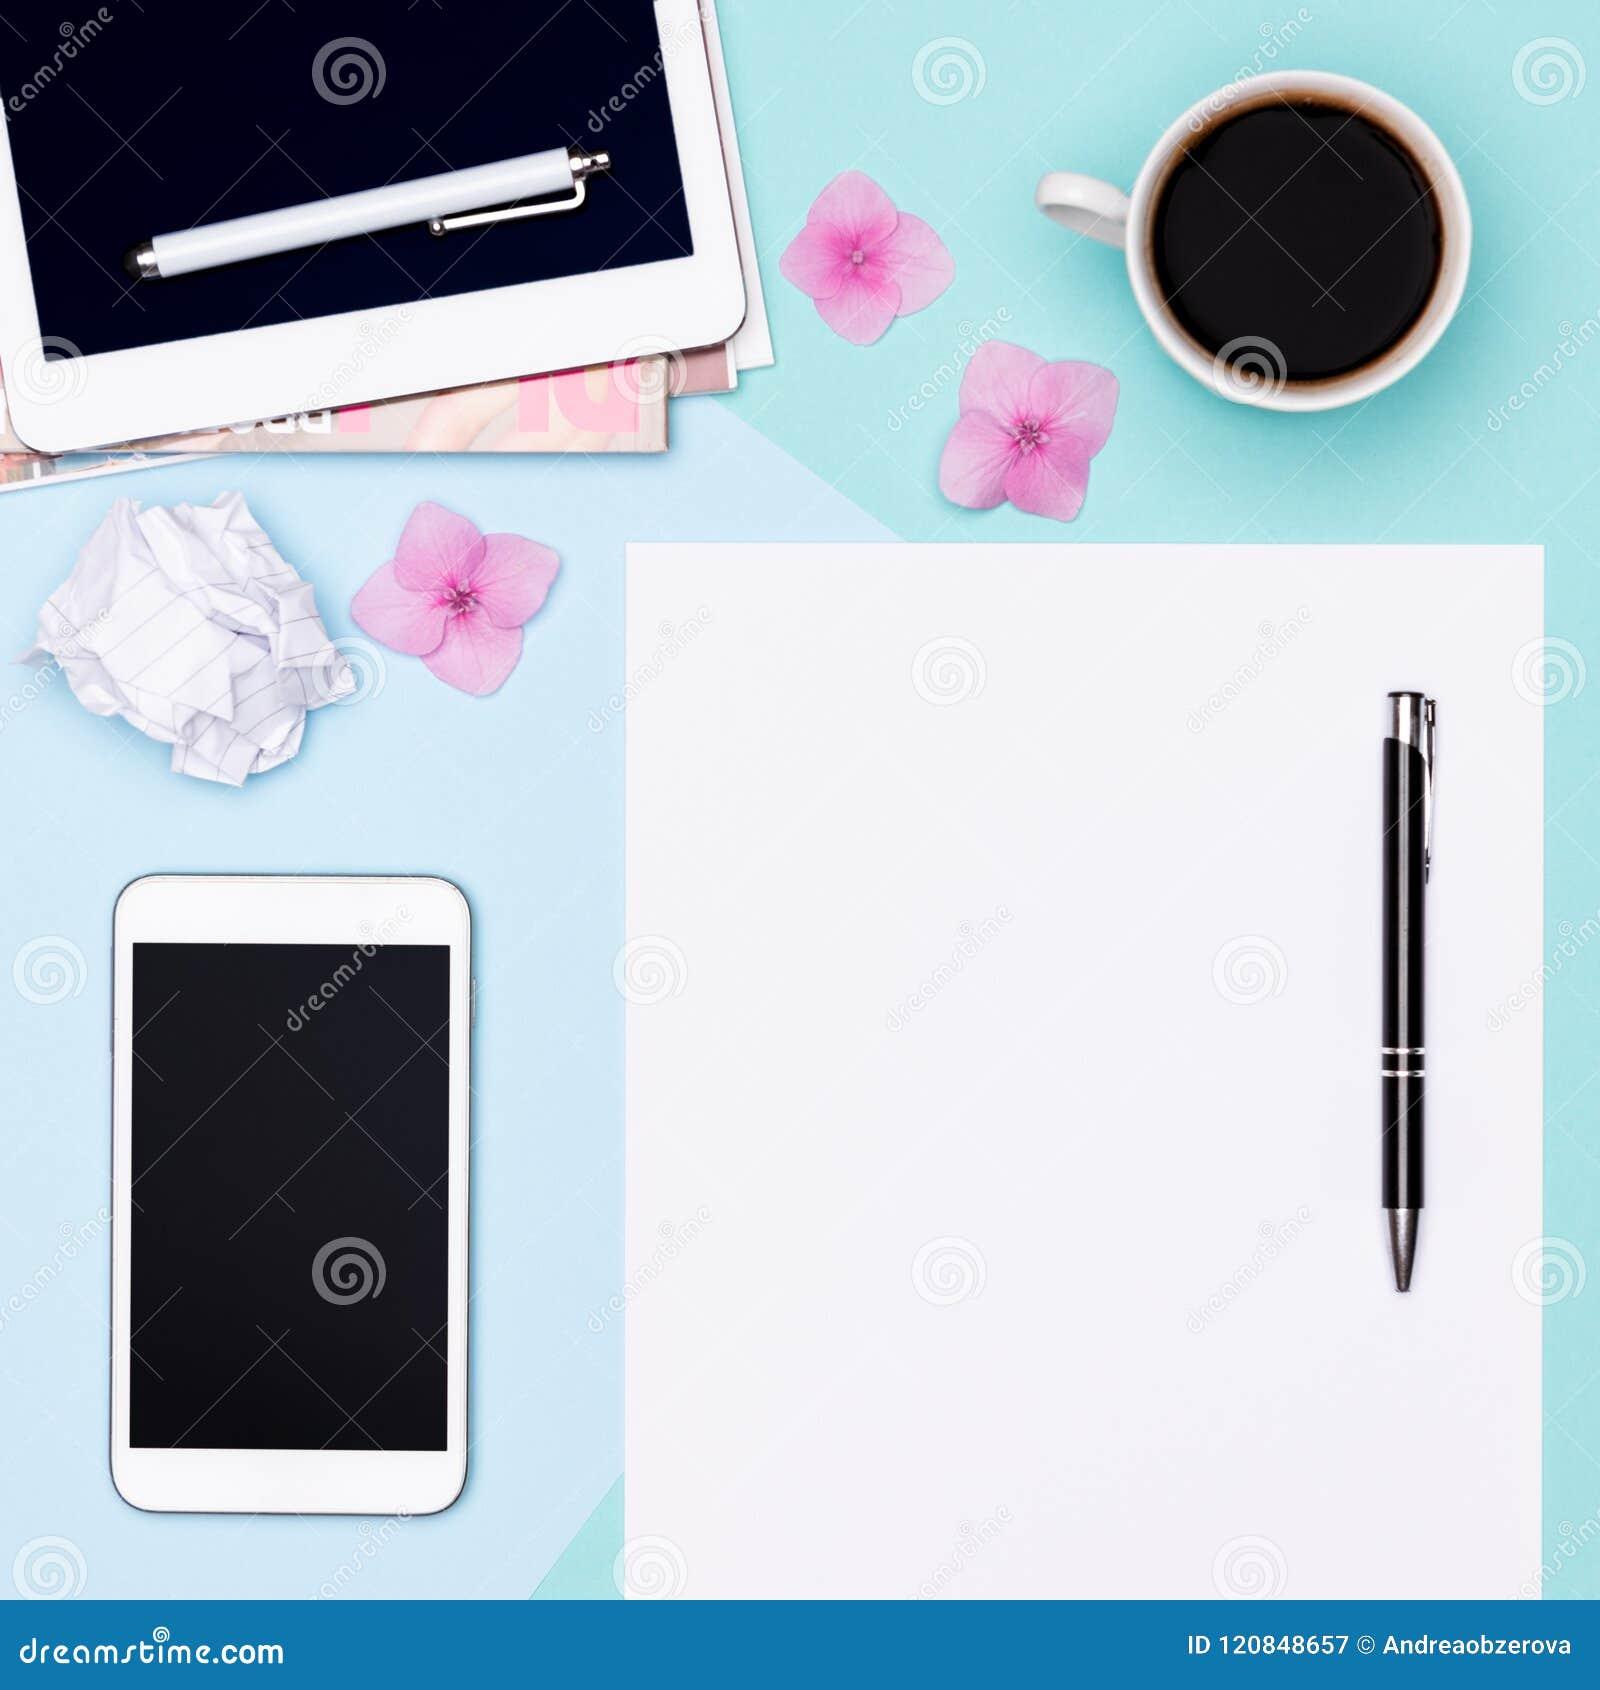 Foto di vista superiore di area di lavoro con derisione dello spazio in bianco sulla compressa e smartphone, tazza di caffè, bloc